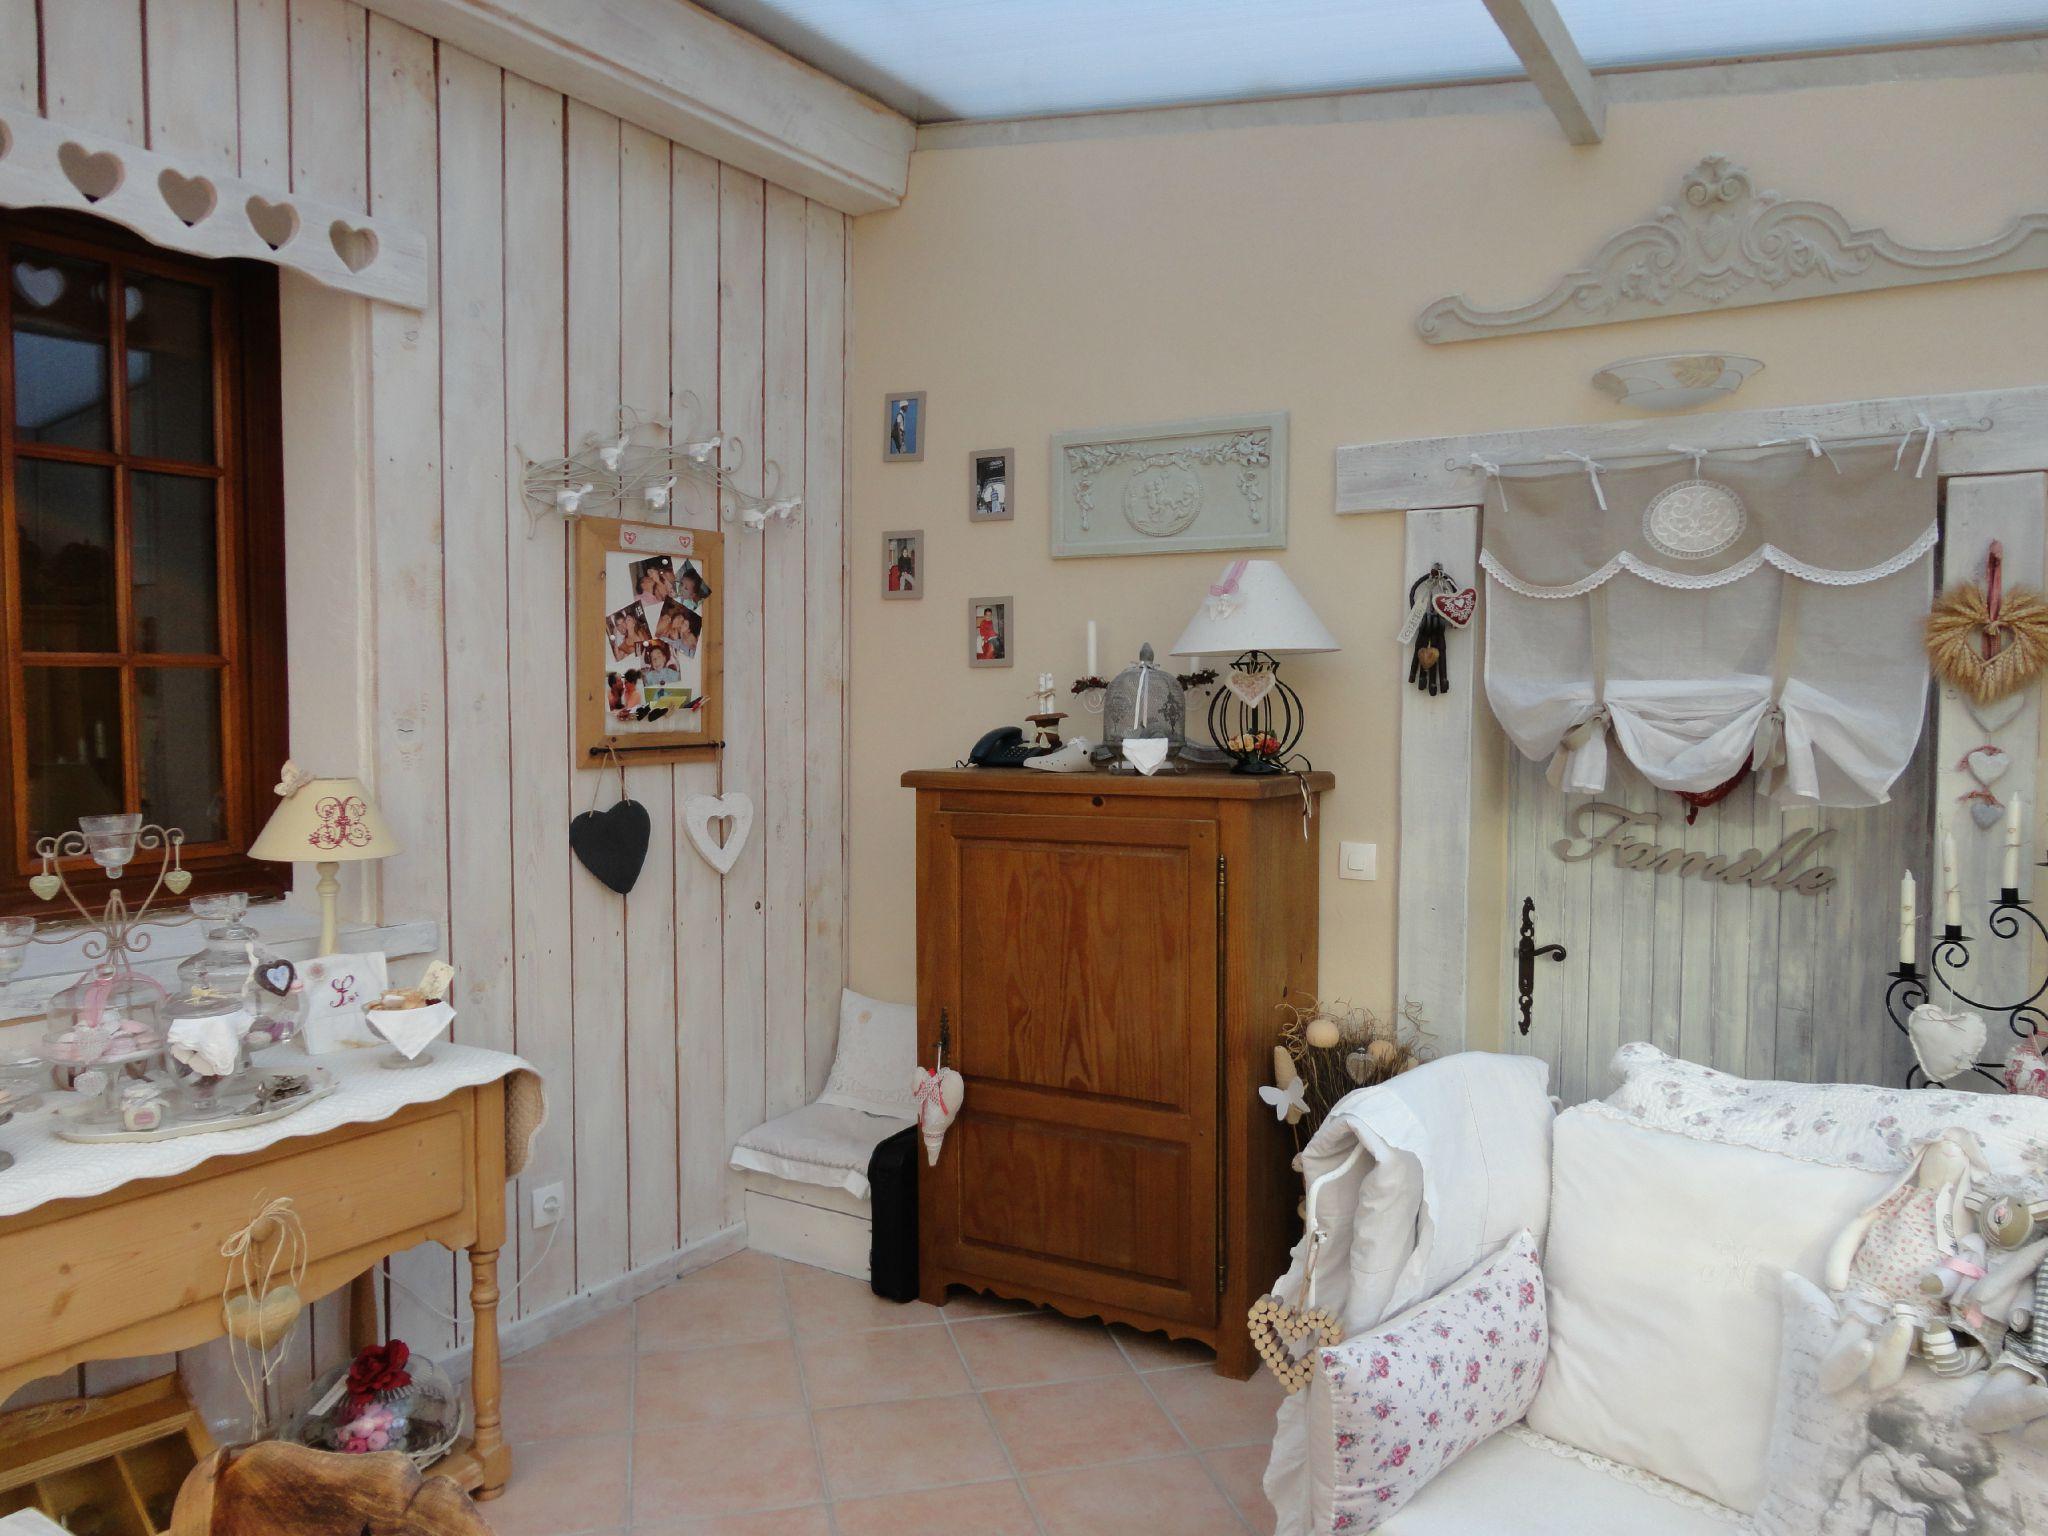 changement dans mon p 39 tit nid d co de charme 77. Black Bedroom Furniture Sets. Home Design Ideas